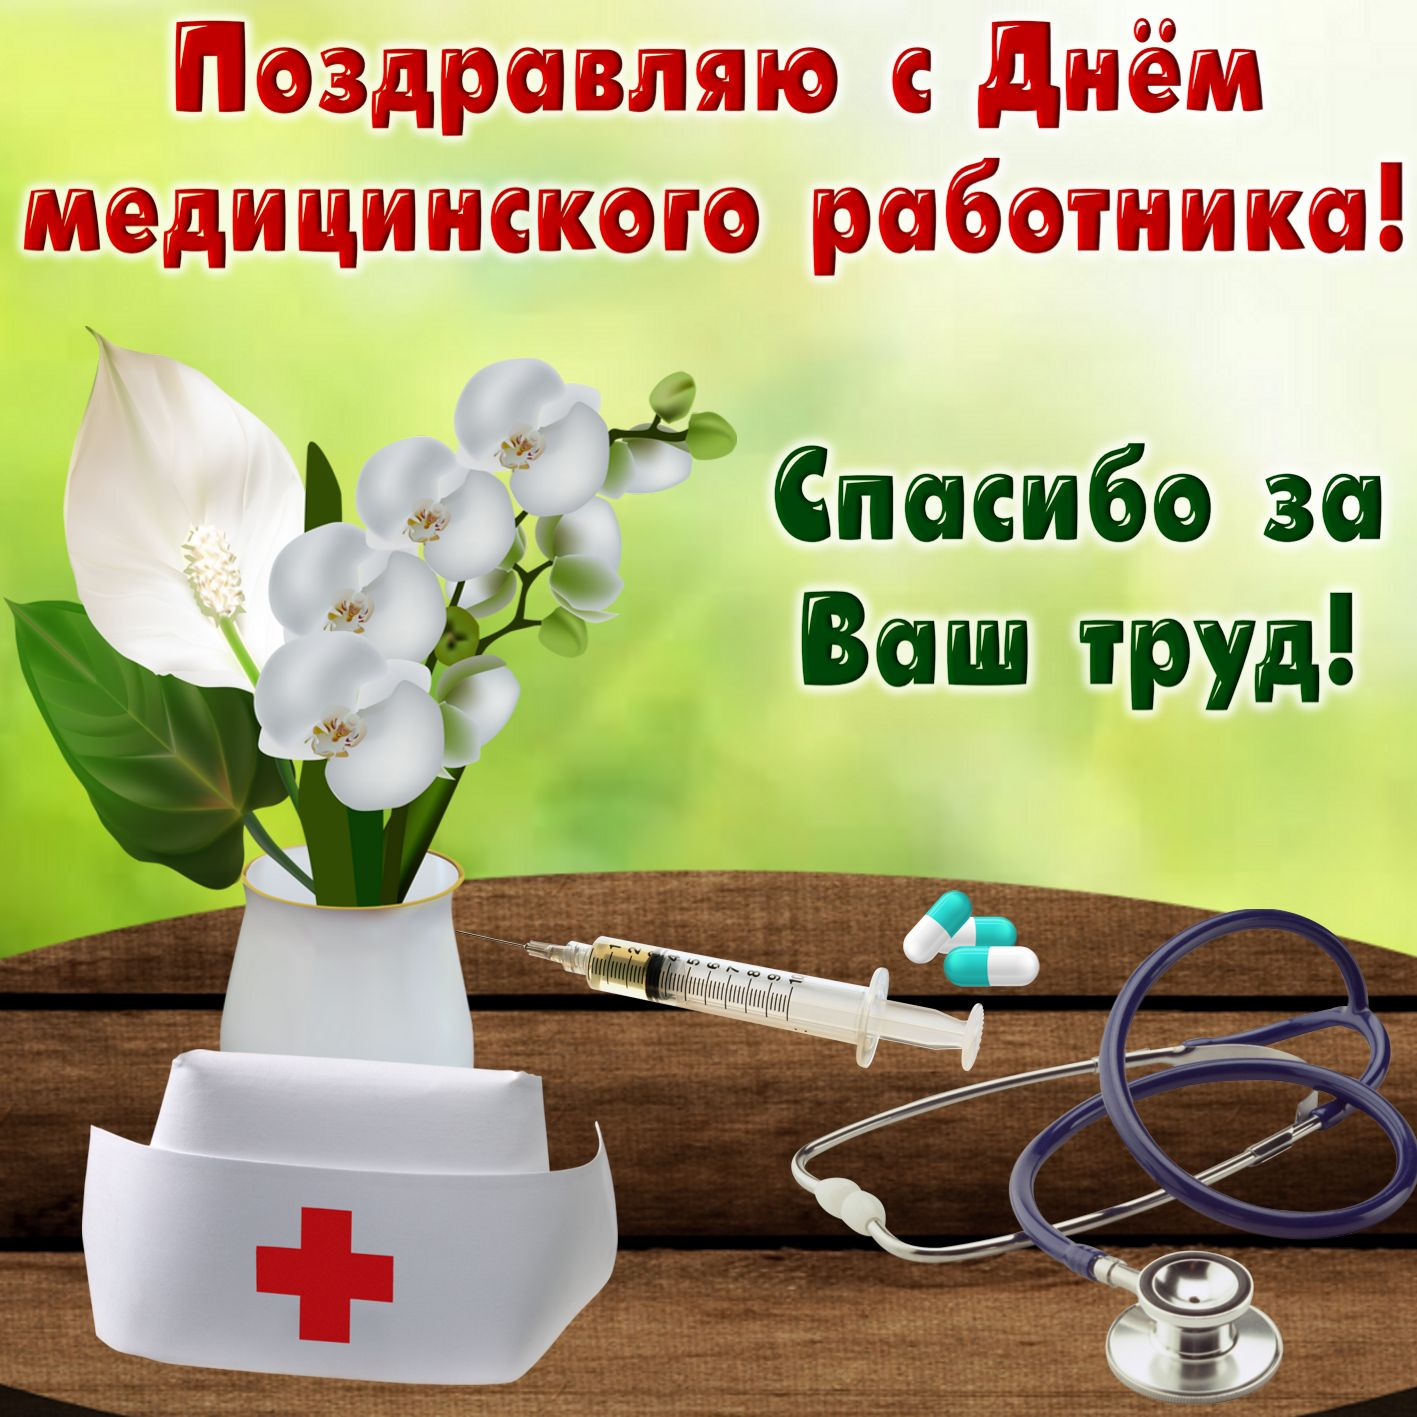 День врача международный поздравление с днем